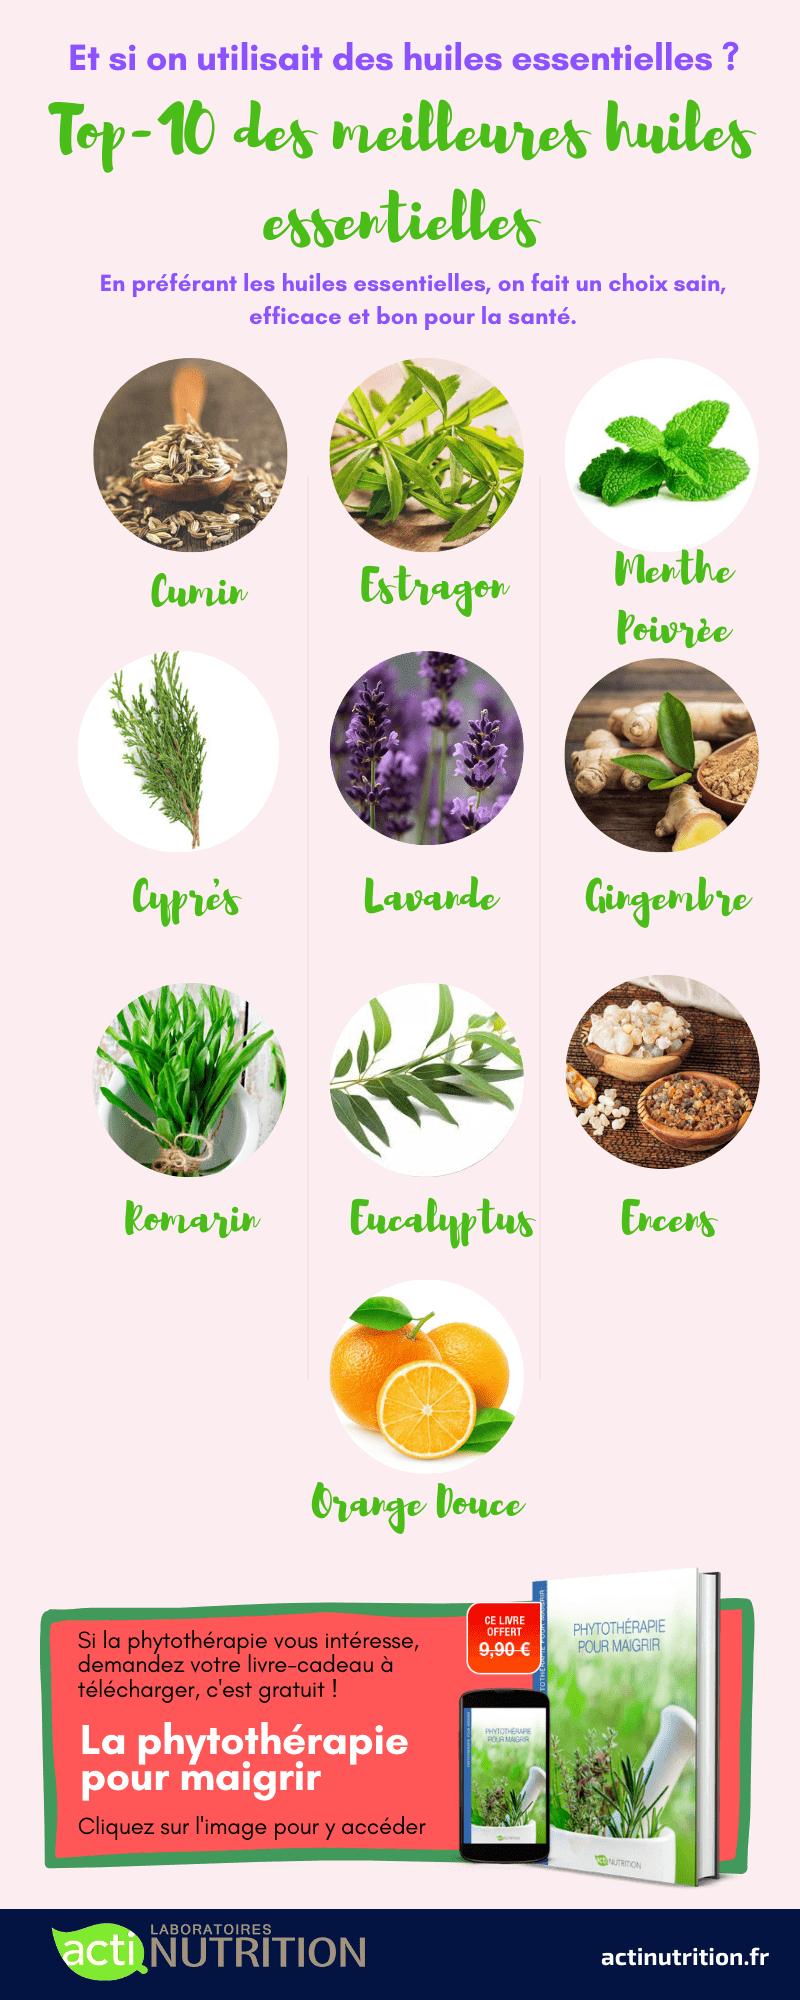 L'infographie sur les meilleures huiles essentielles